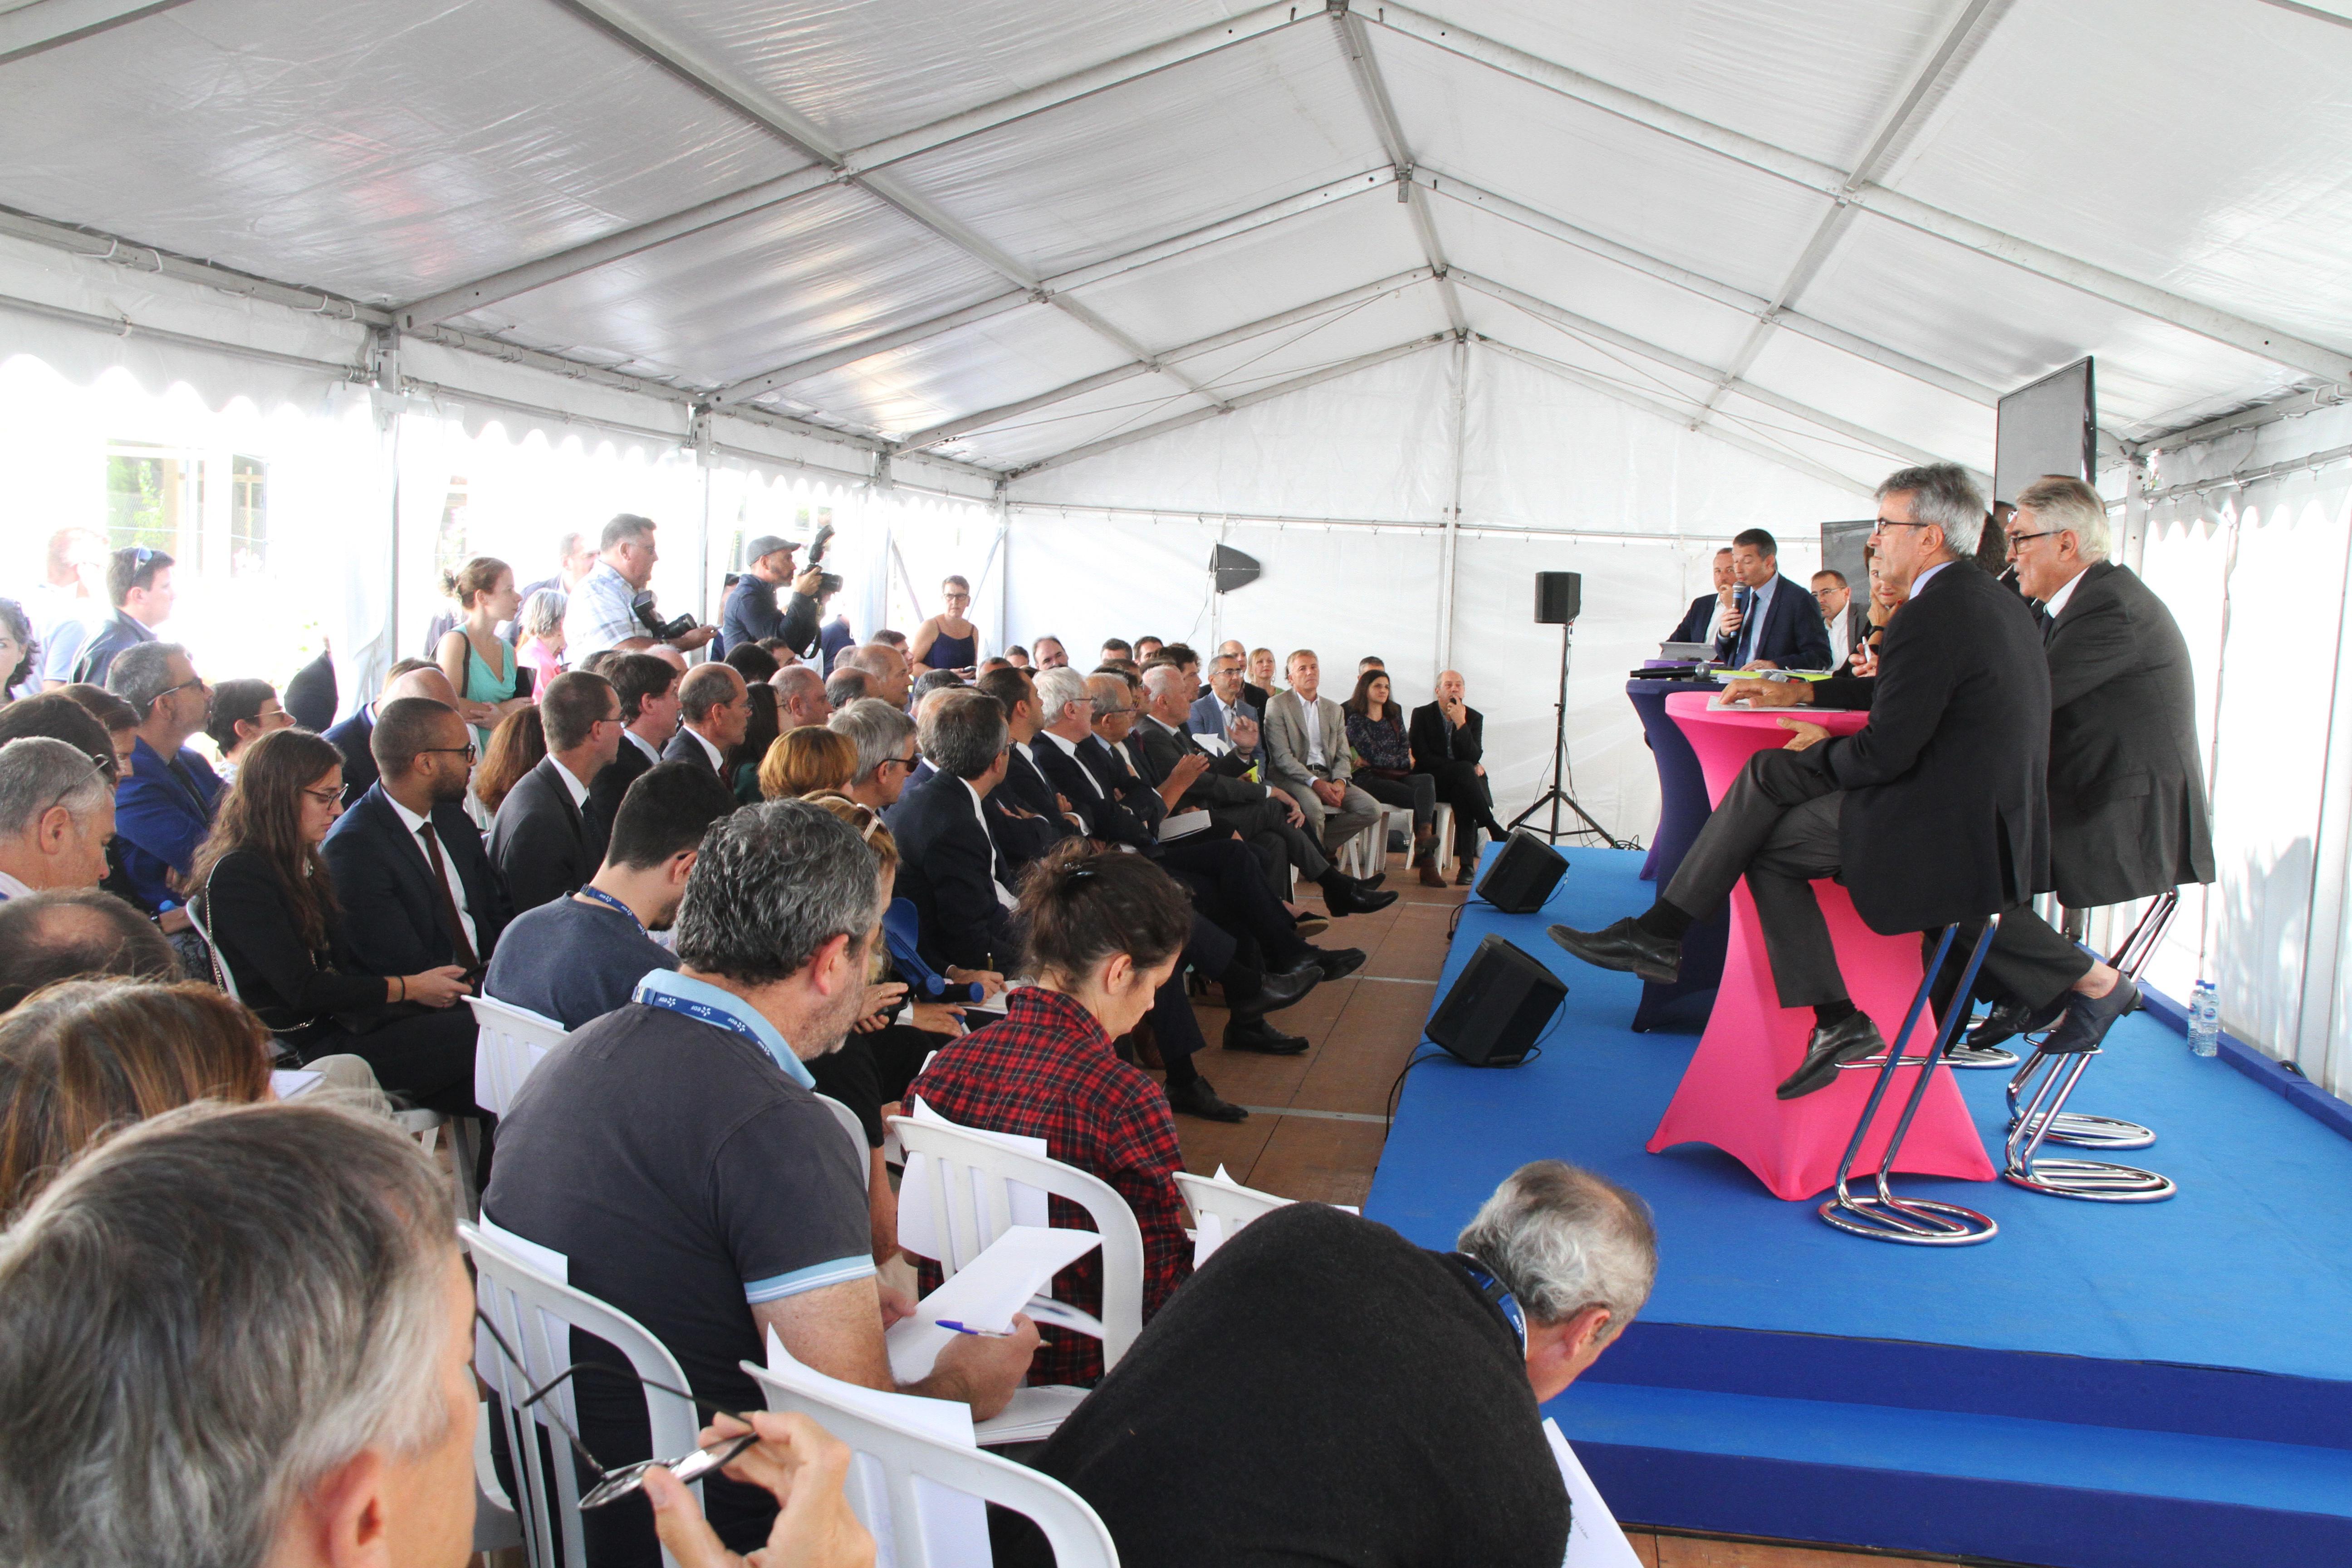 Le développement économique et de la filière cleantech